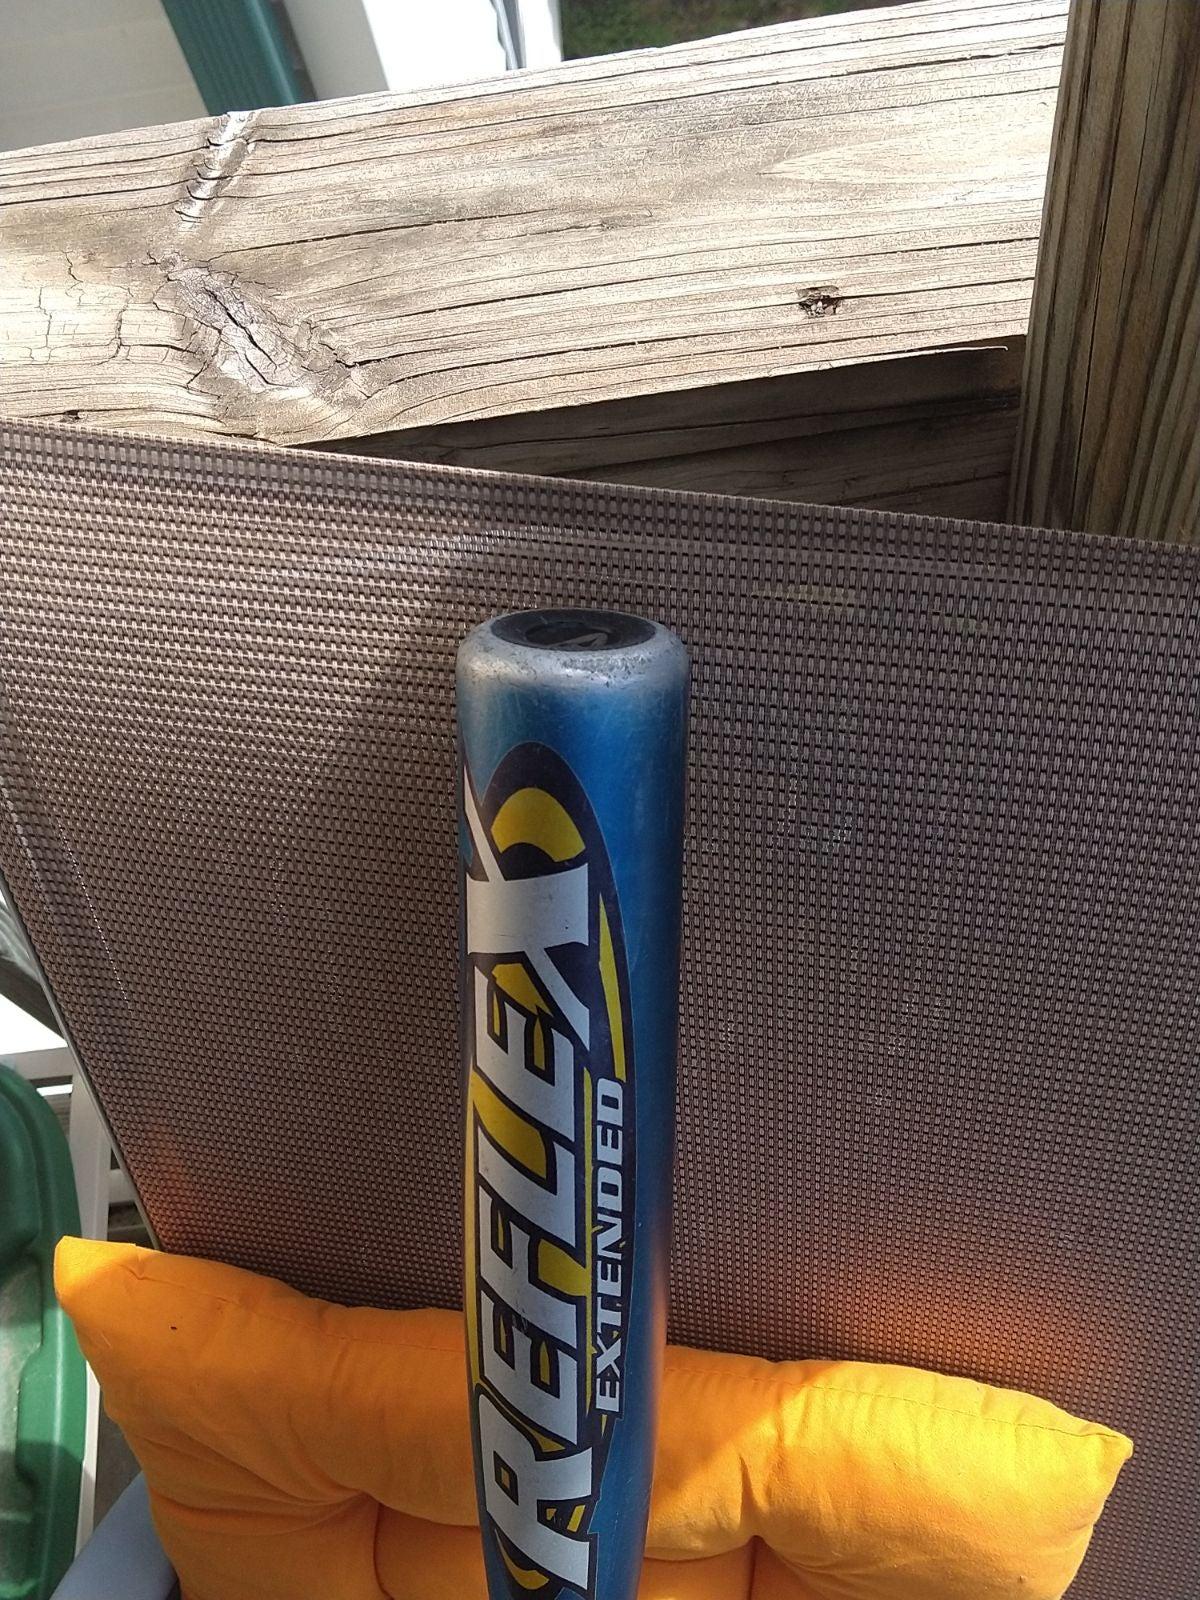 Easton aluminum baseball Bat